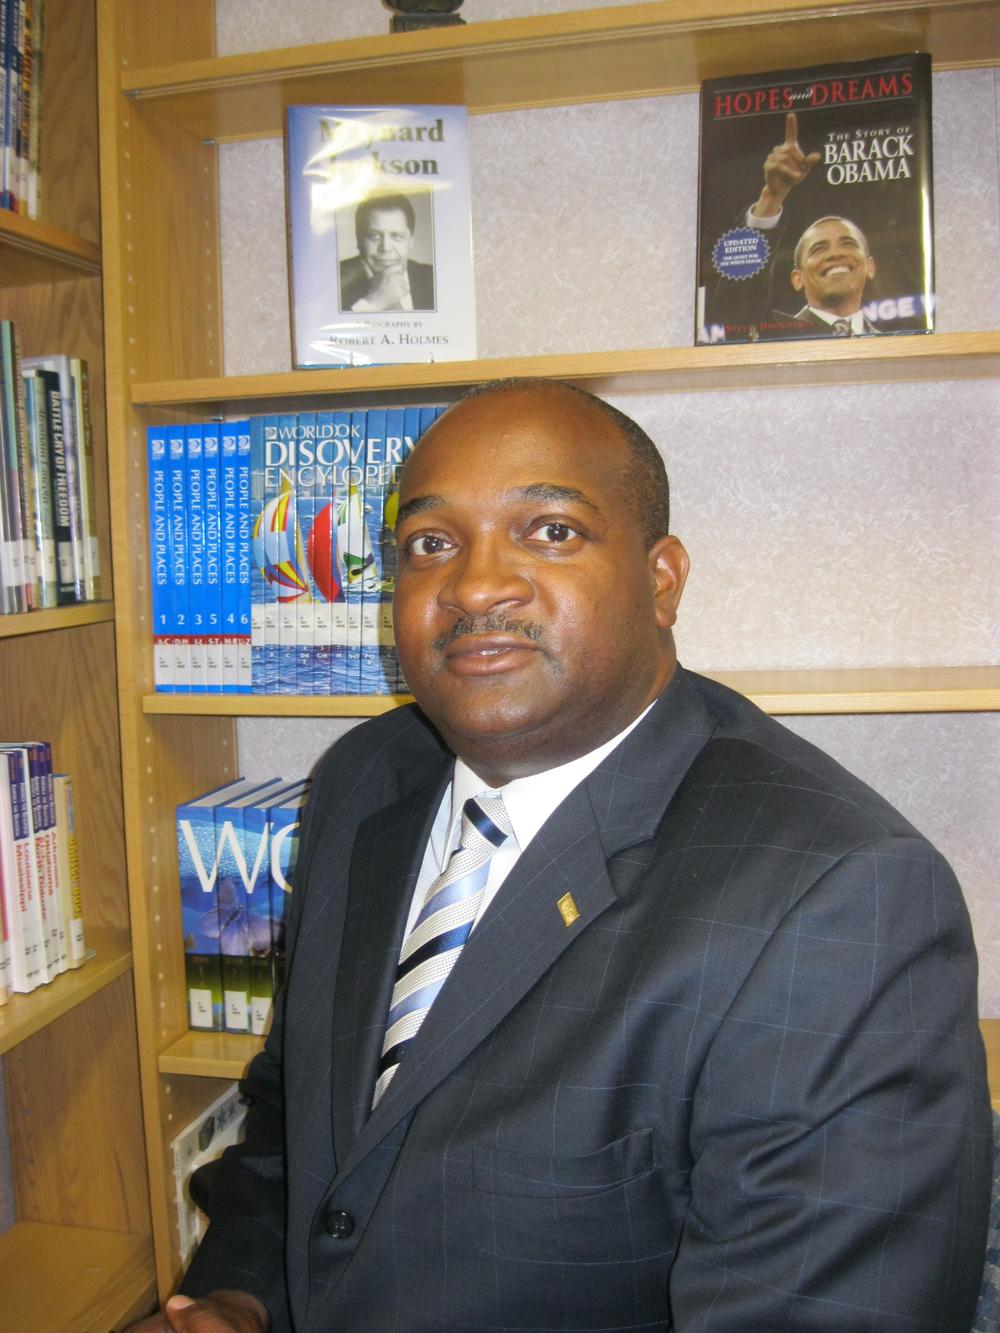 Head of School Derrick Lockwood